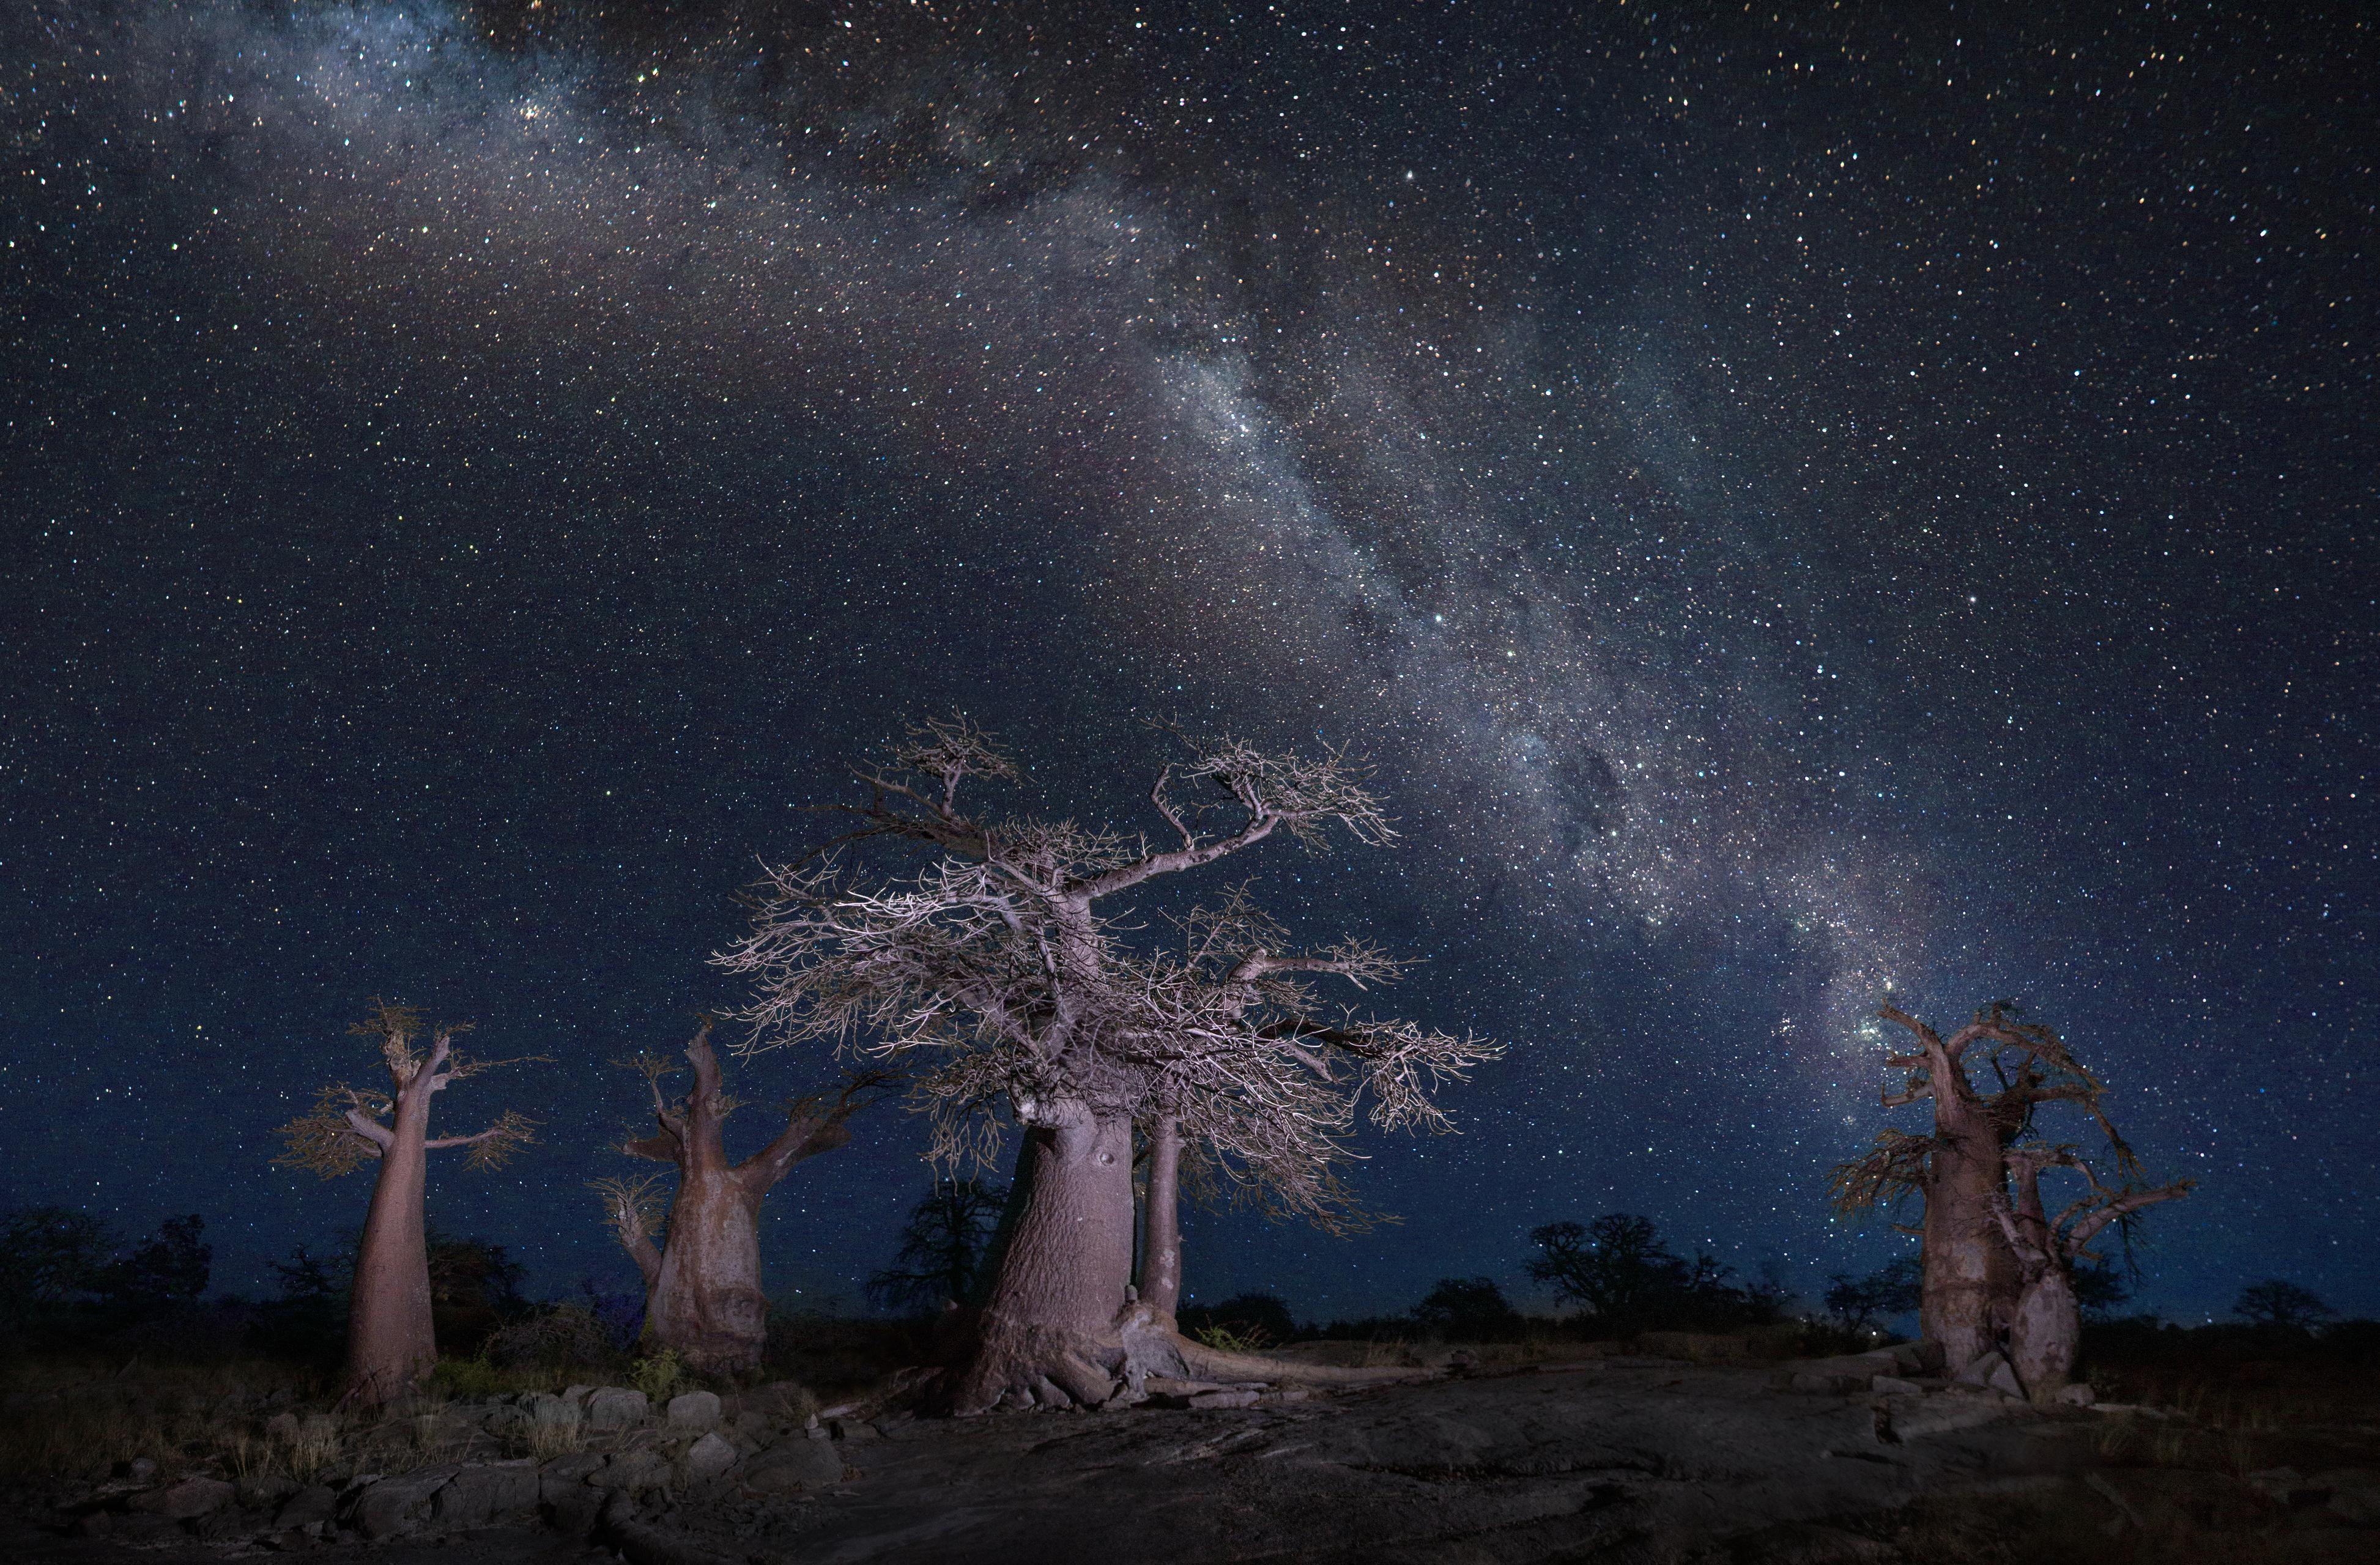 Magnifiques baobabs posant fièrement face a l objectif lors d'une nuit étoilée